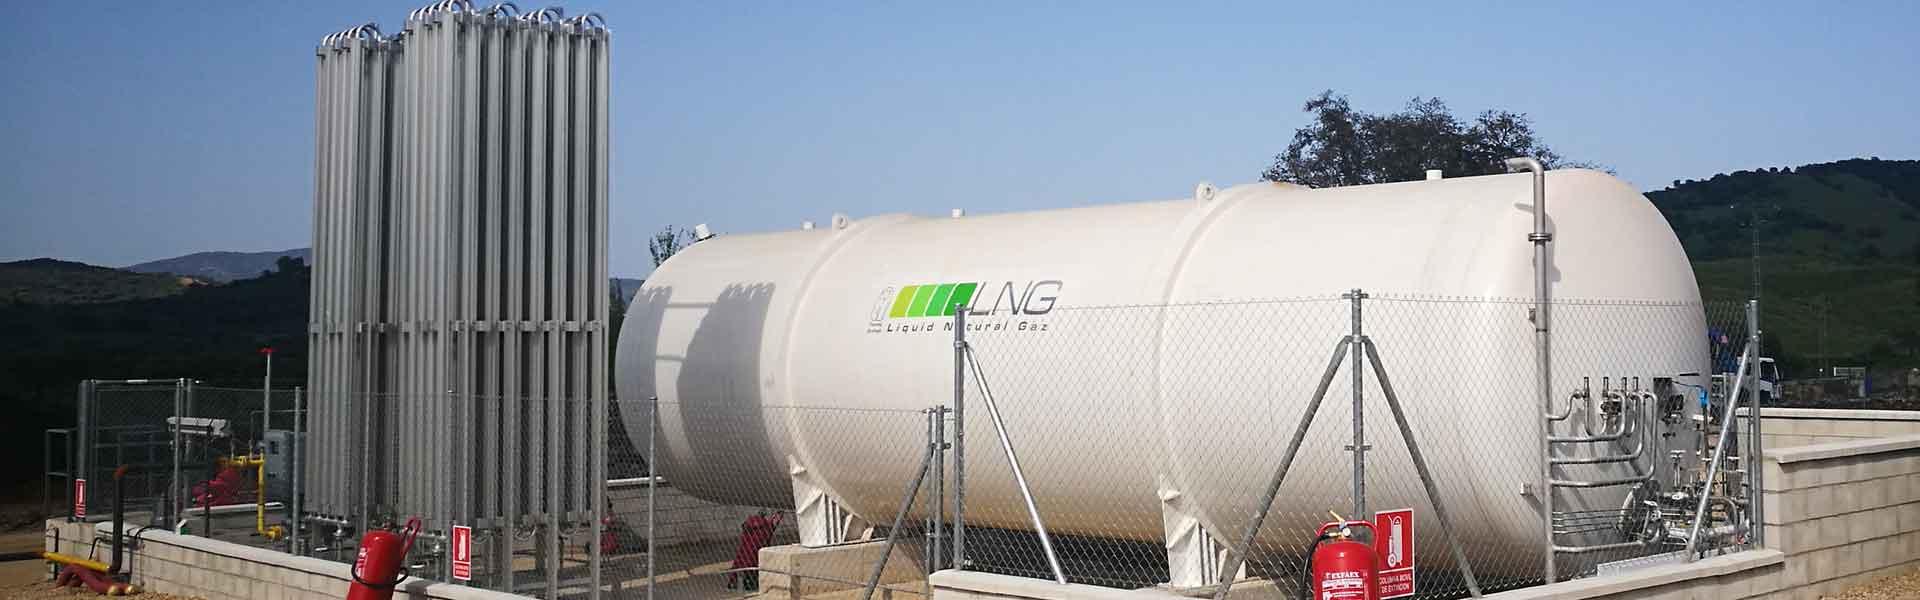 Groupe HAM a été en charge de la conception, de la construction et de la mise en service d'une installation satellite de regazéification GNL pour Aromasur